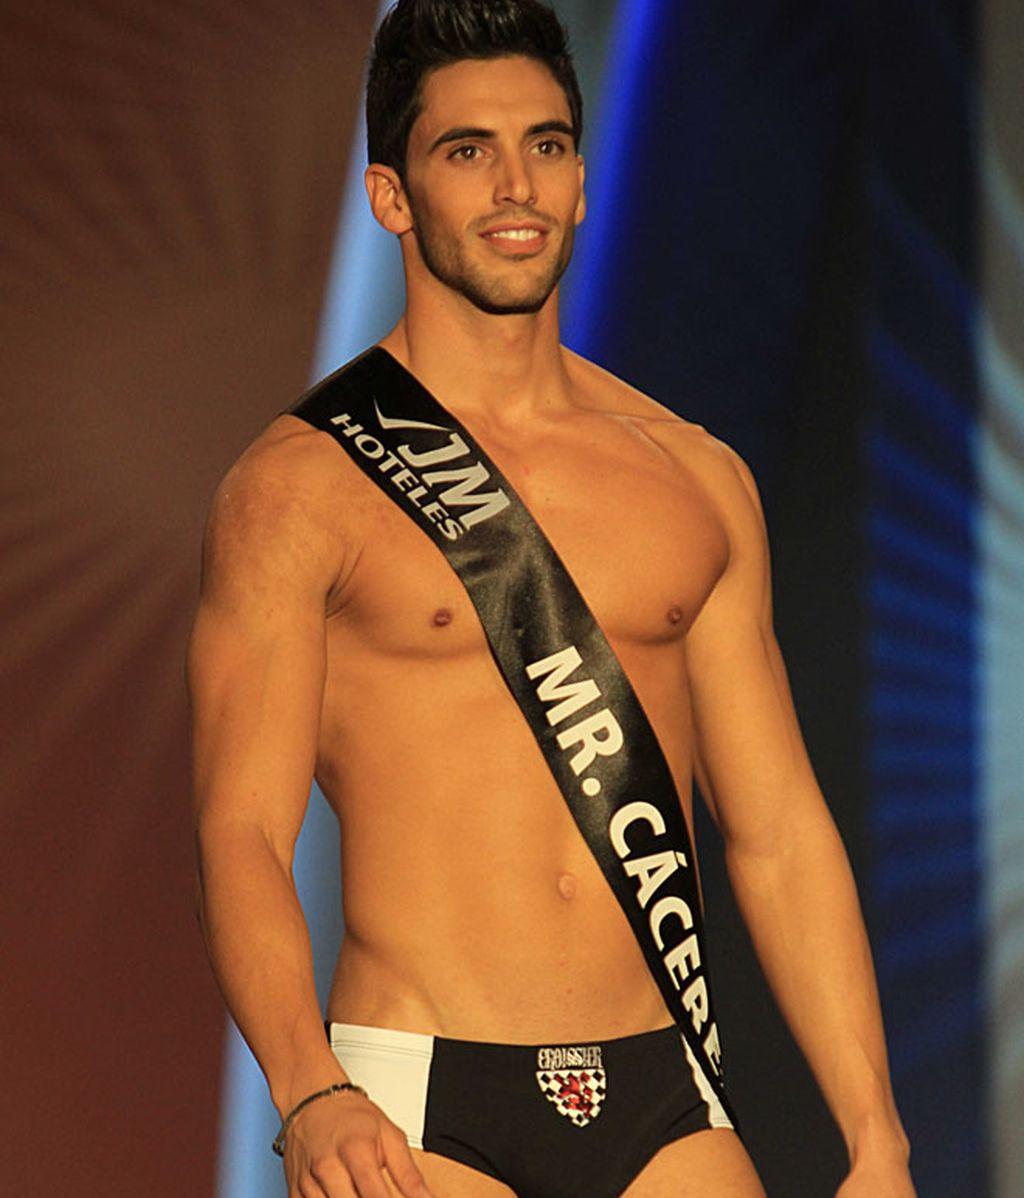 Los cuerpos serranos de Mister España 2011